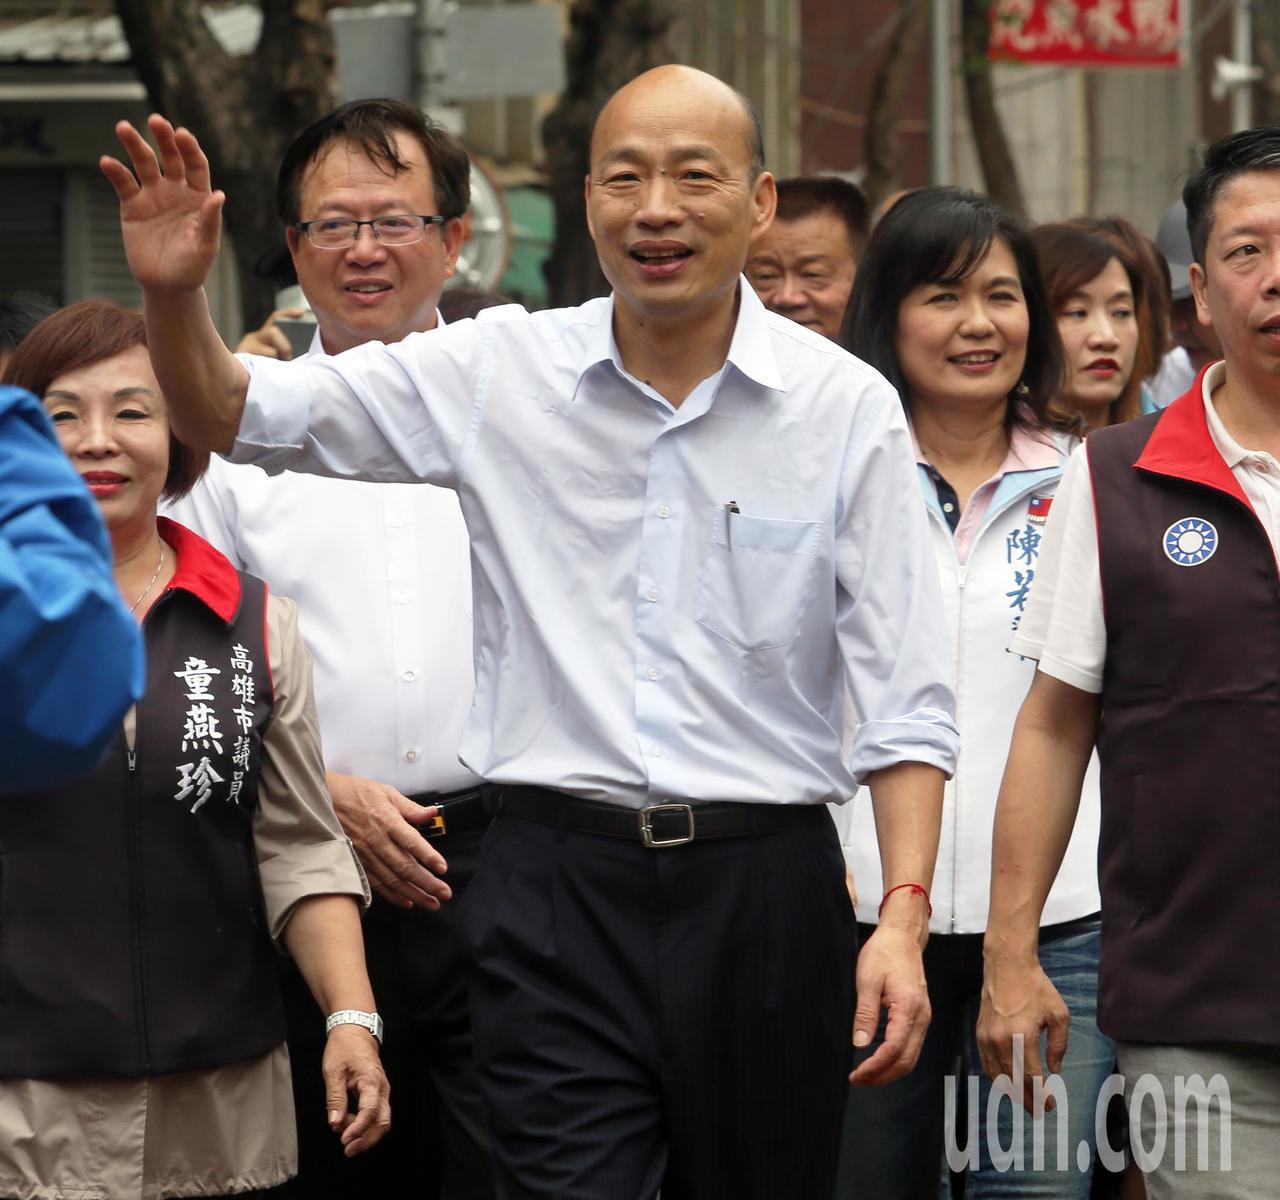 高雄市長韓國瑜今天下午主持自強陸橋拆除通車典禮,韓國瑜還親自走一段馬路體驗路面是...